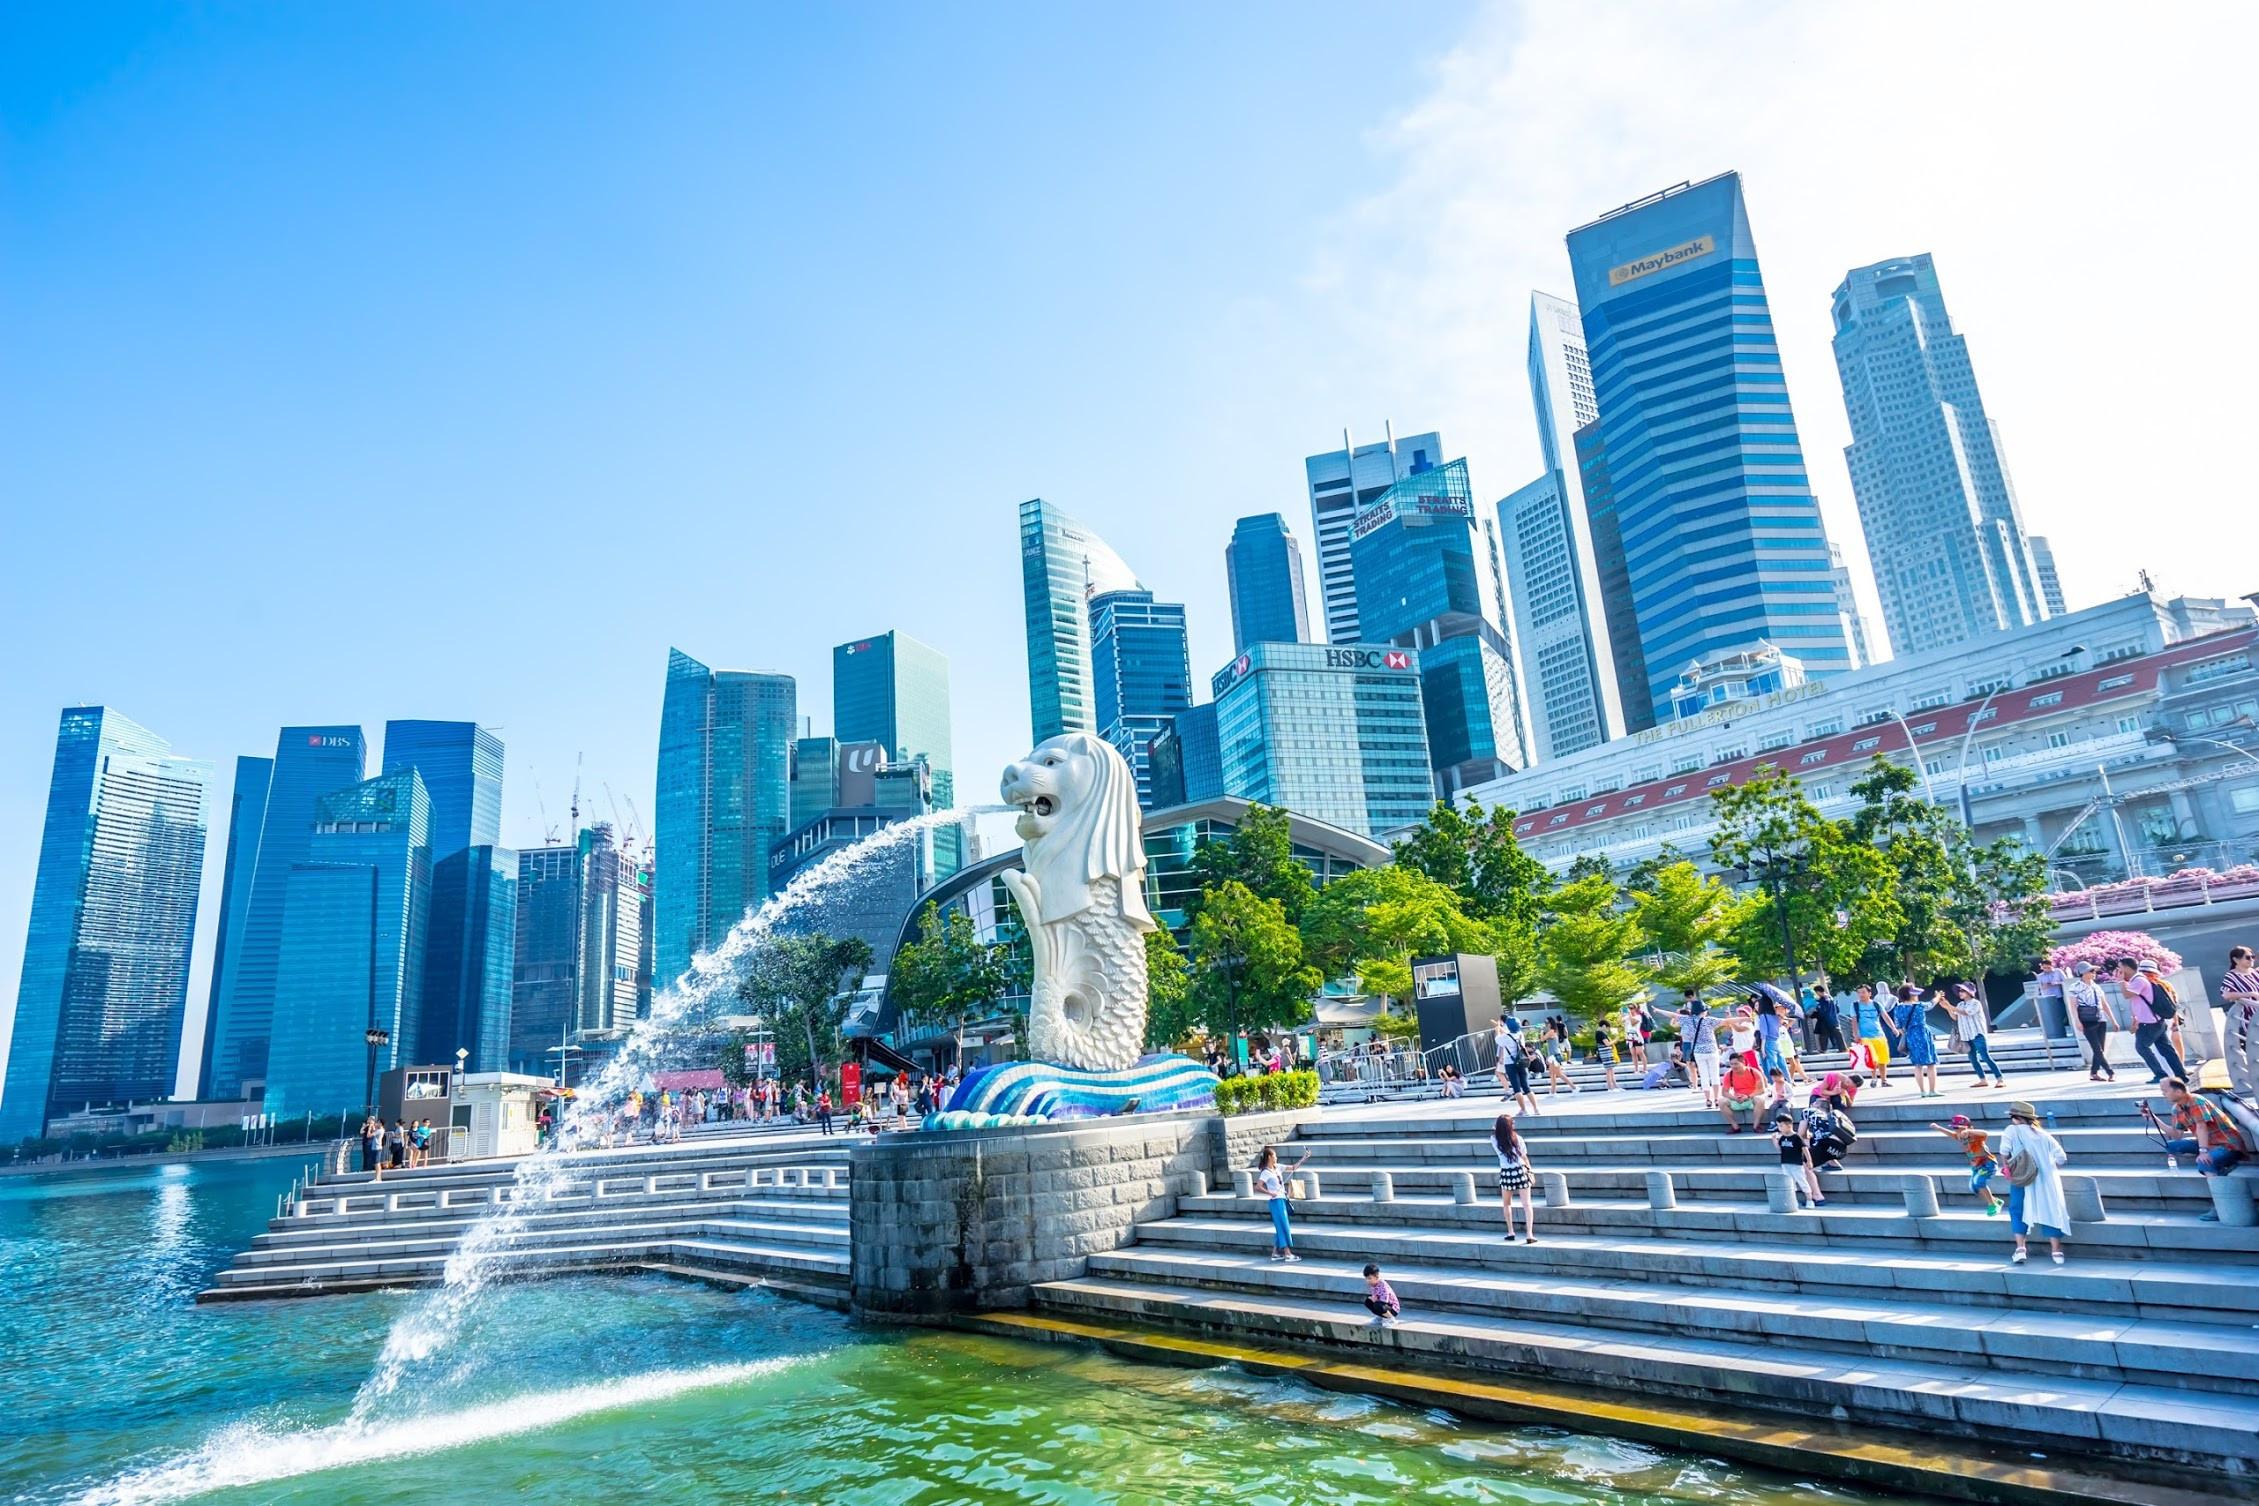 Vì sao doanh nghiệp cần mở công ty tại Singapore?